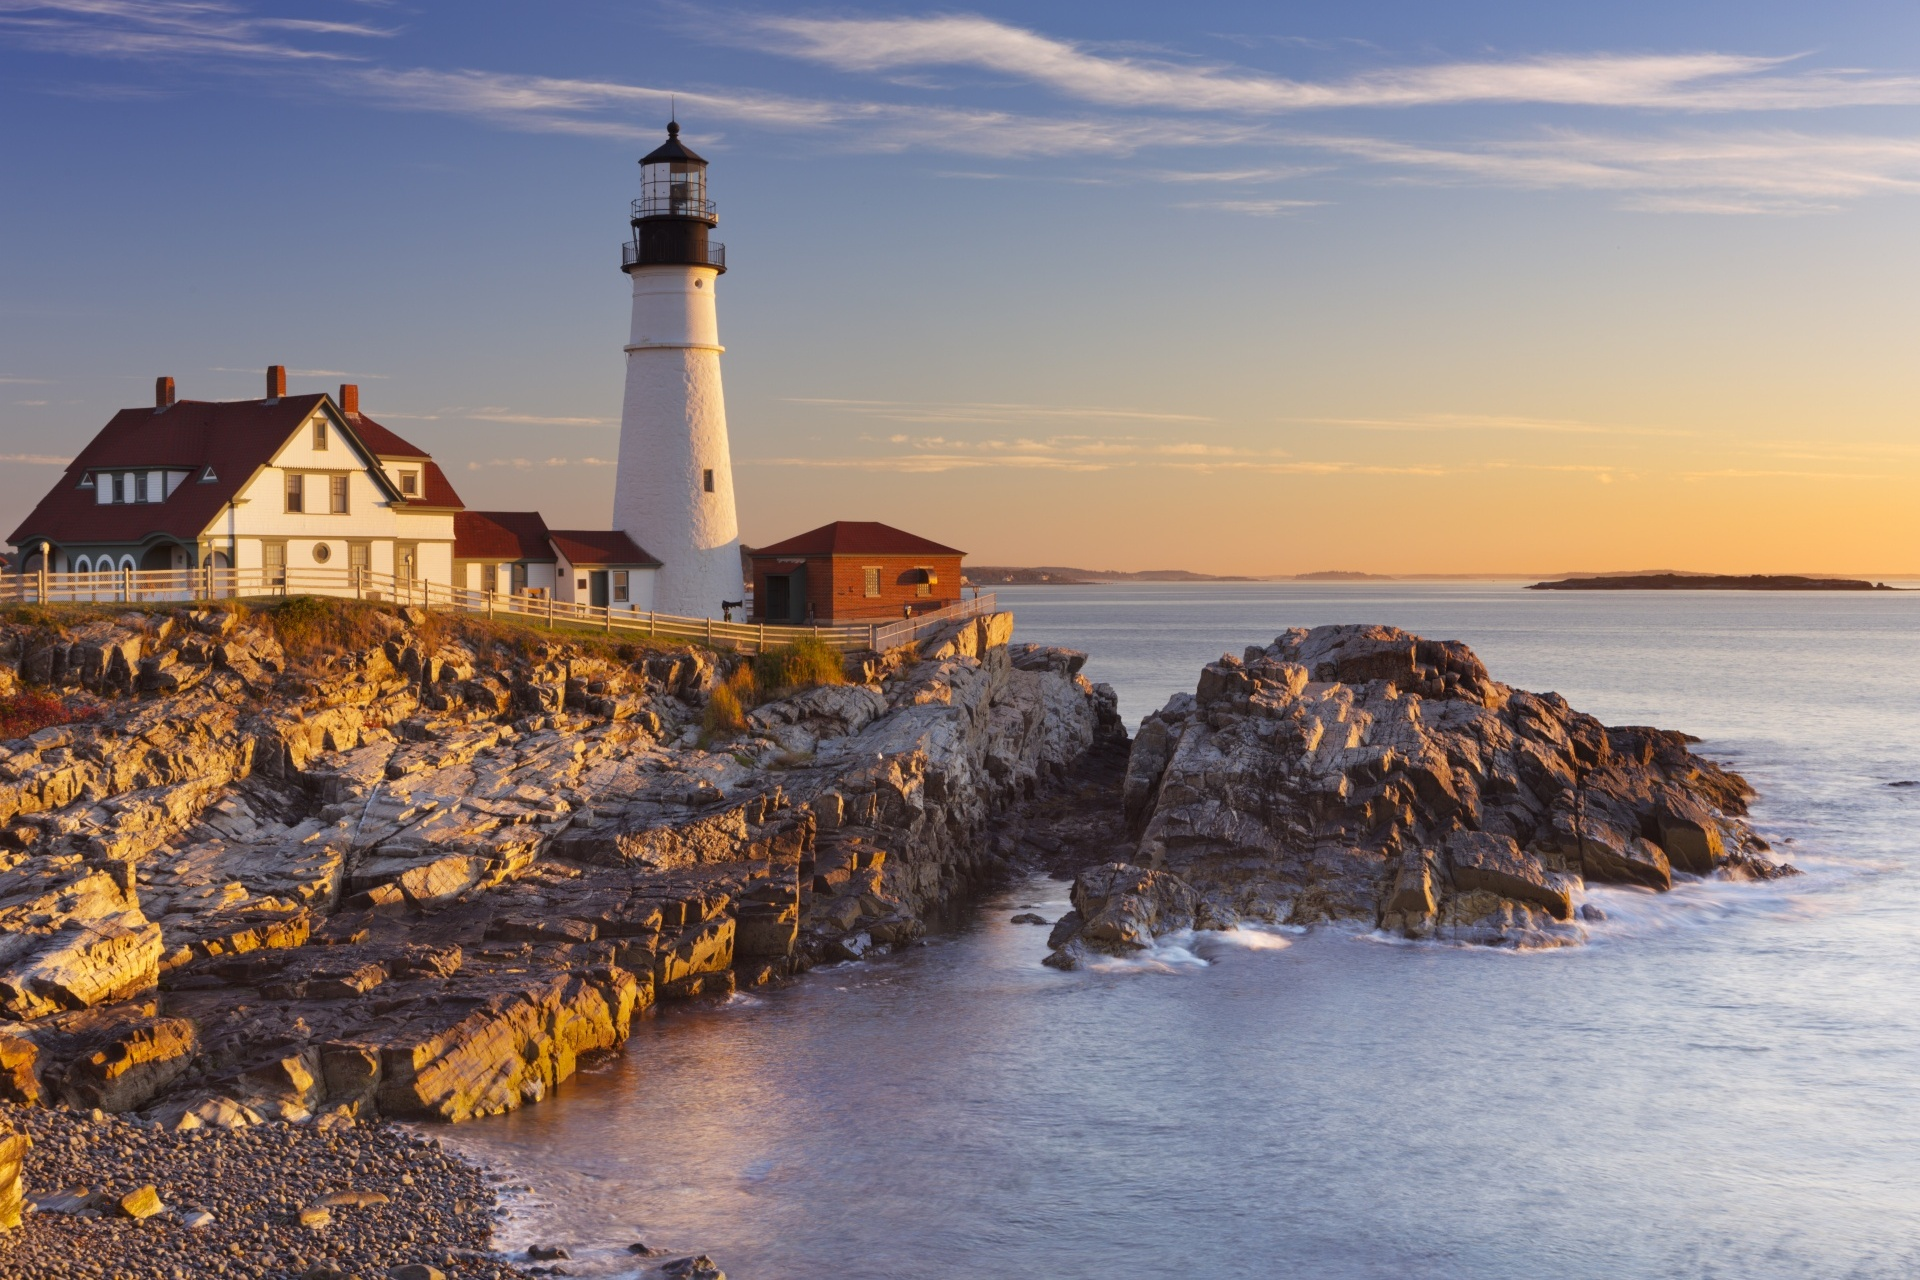 日の出のポートランド ヘッドライト灯台 アメリカの風景